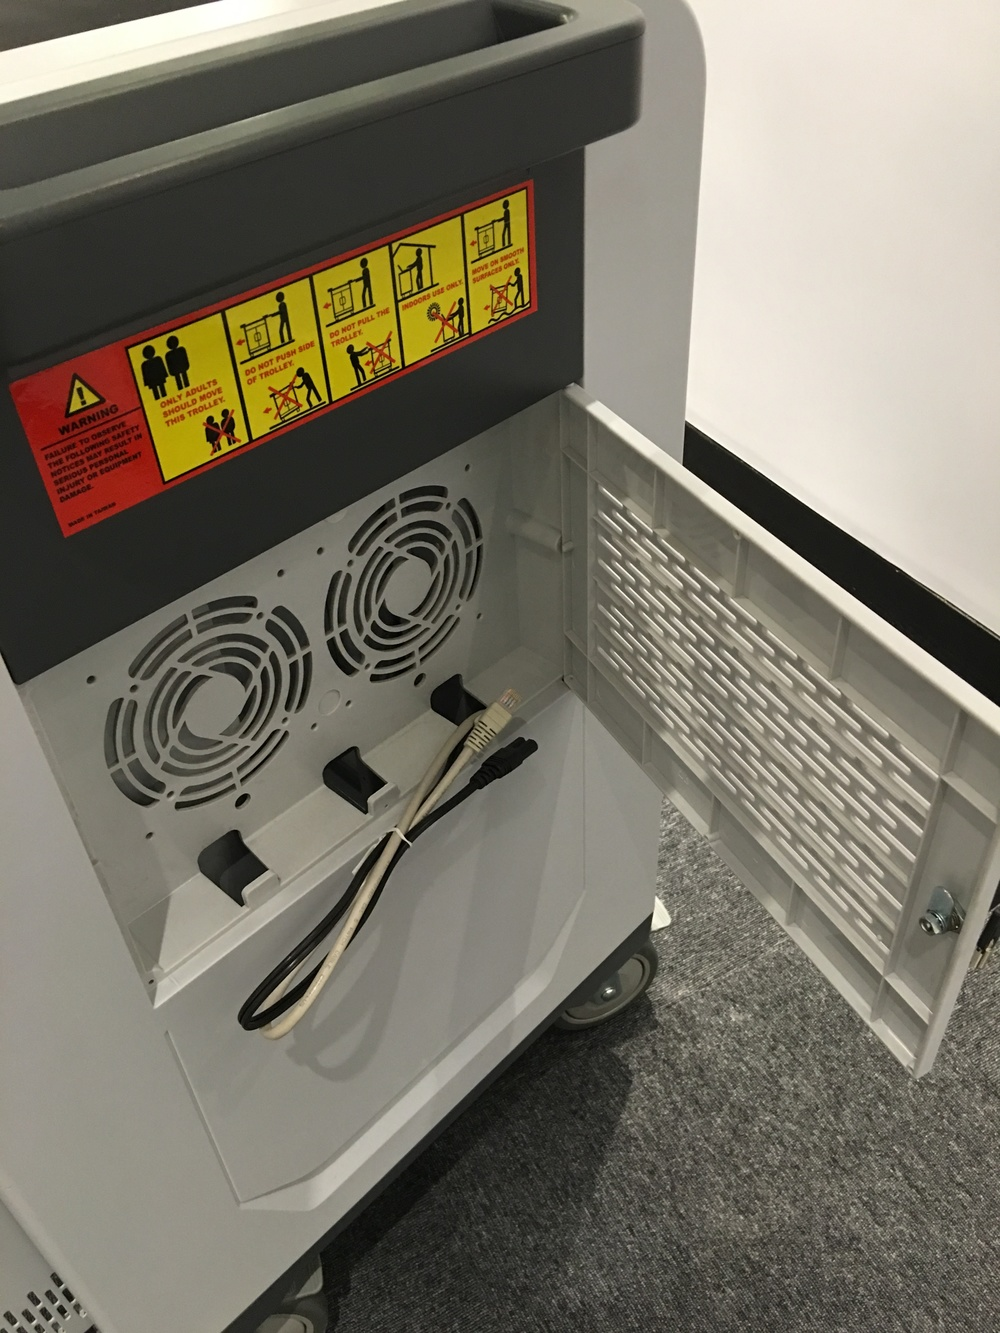 內置強力抽風系統 , 有效達到全天候散熱效果